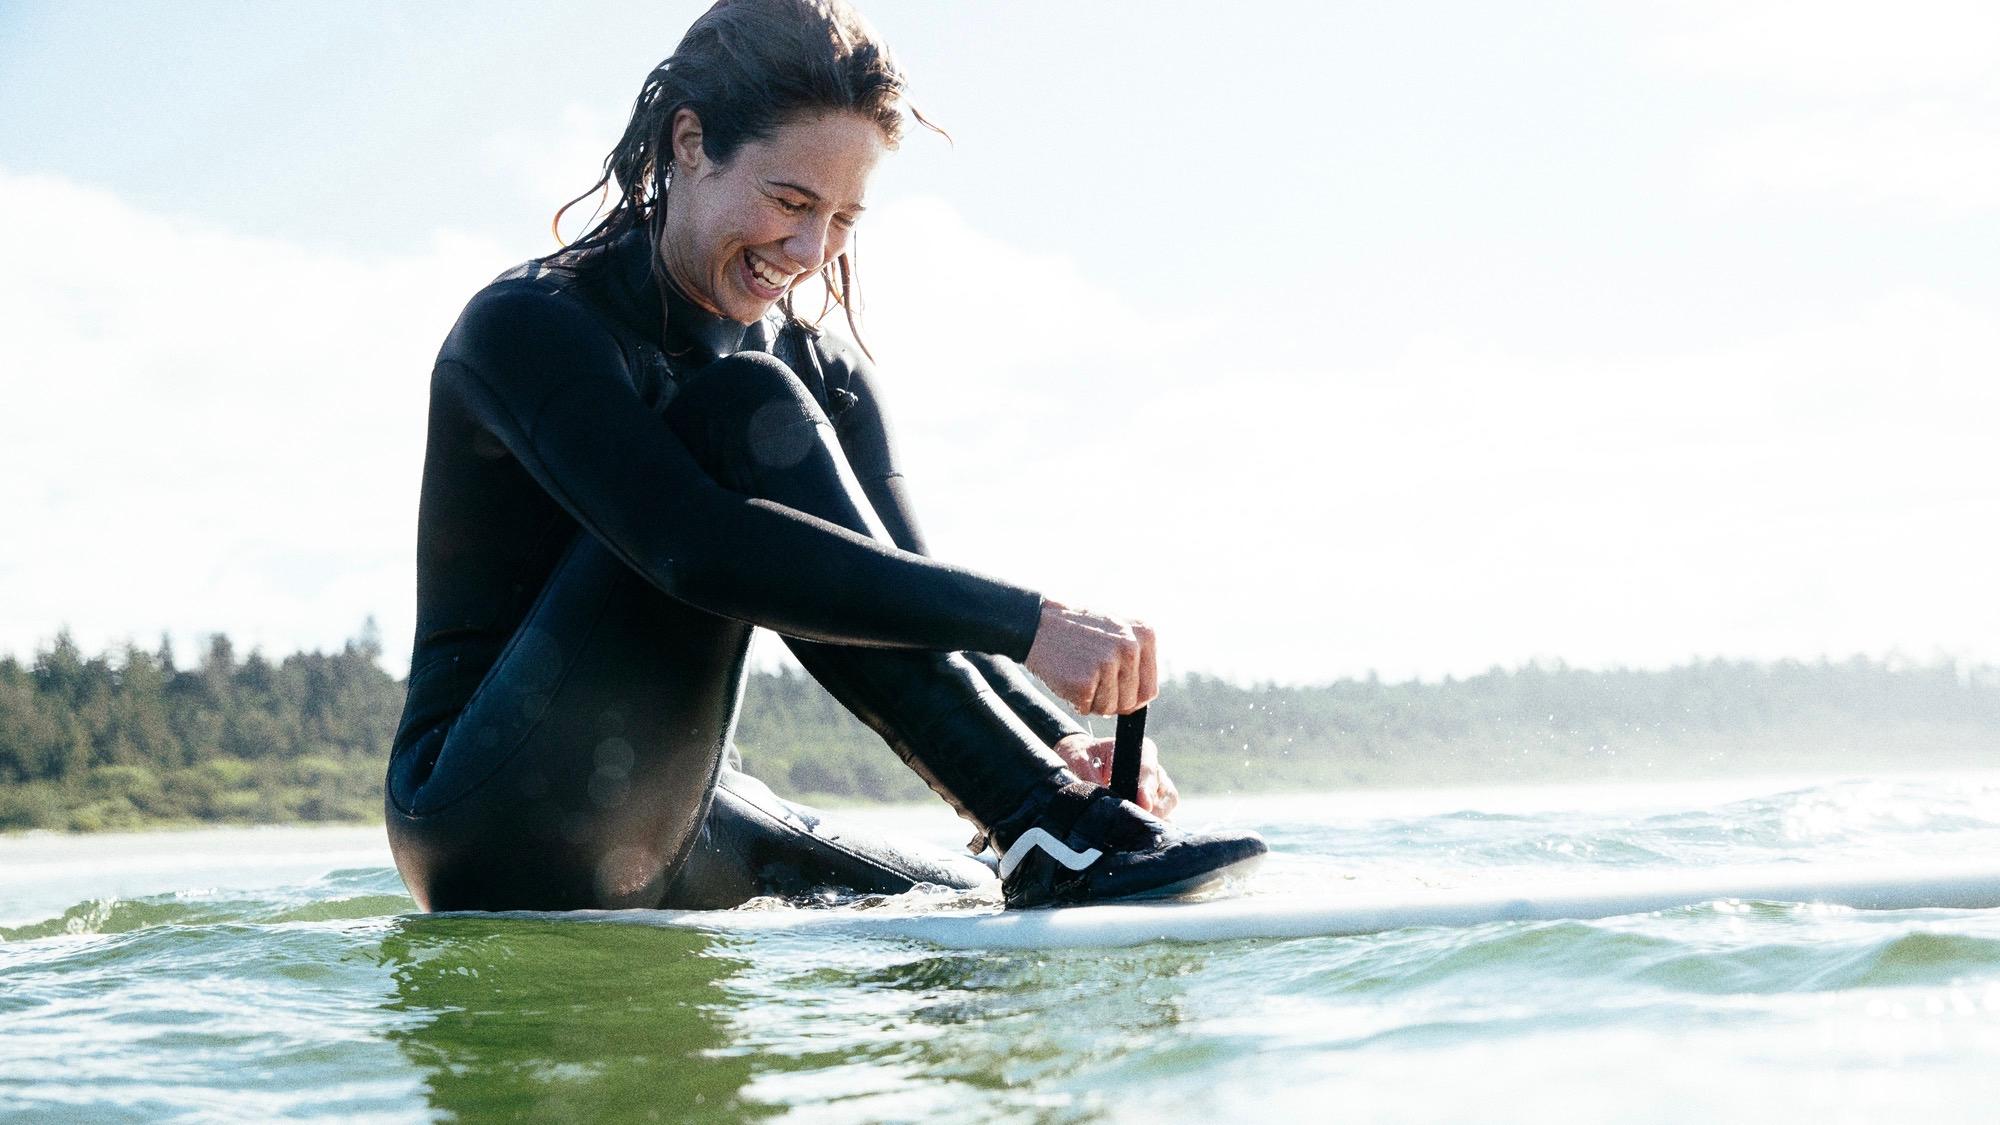 HO20 Surf SurfBoot2HiV5mm HannaScott 1D207629